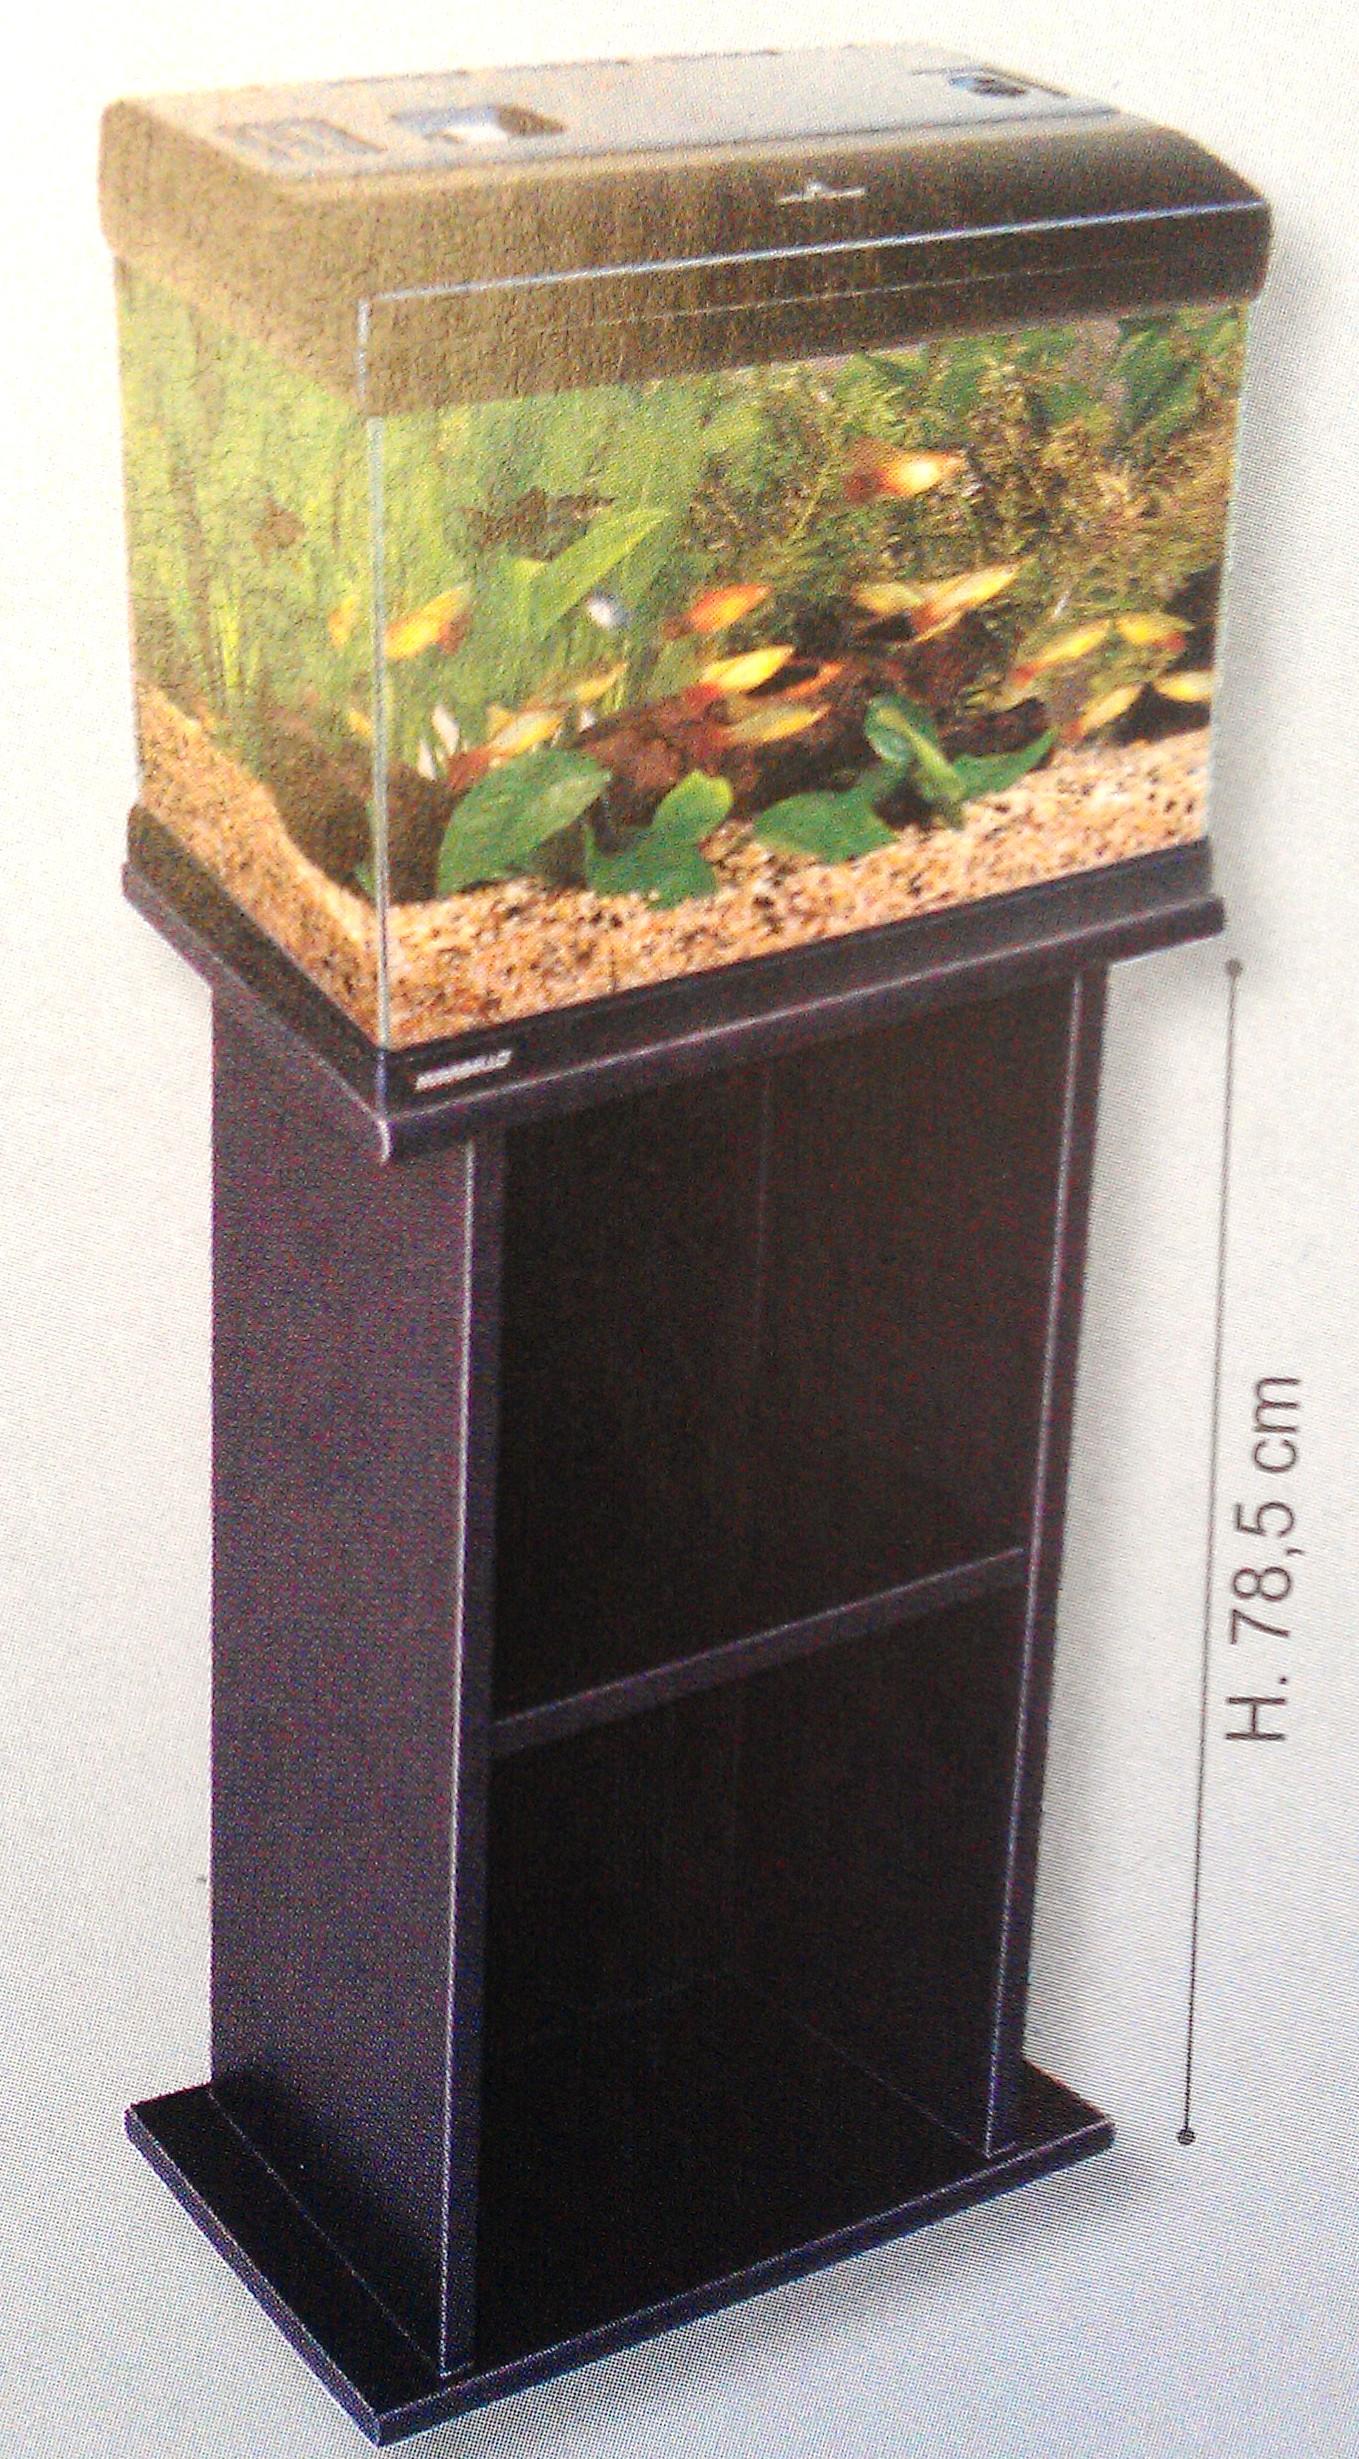 aquarium systems ��������� ��� �������� Mirabello 30 0058004